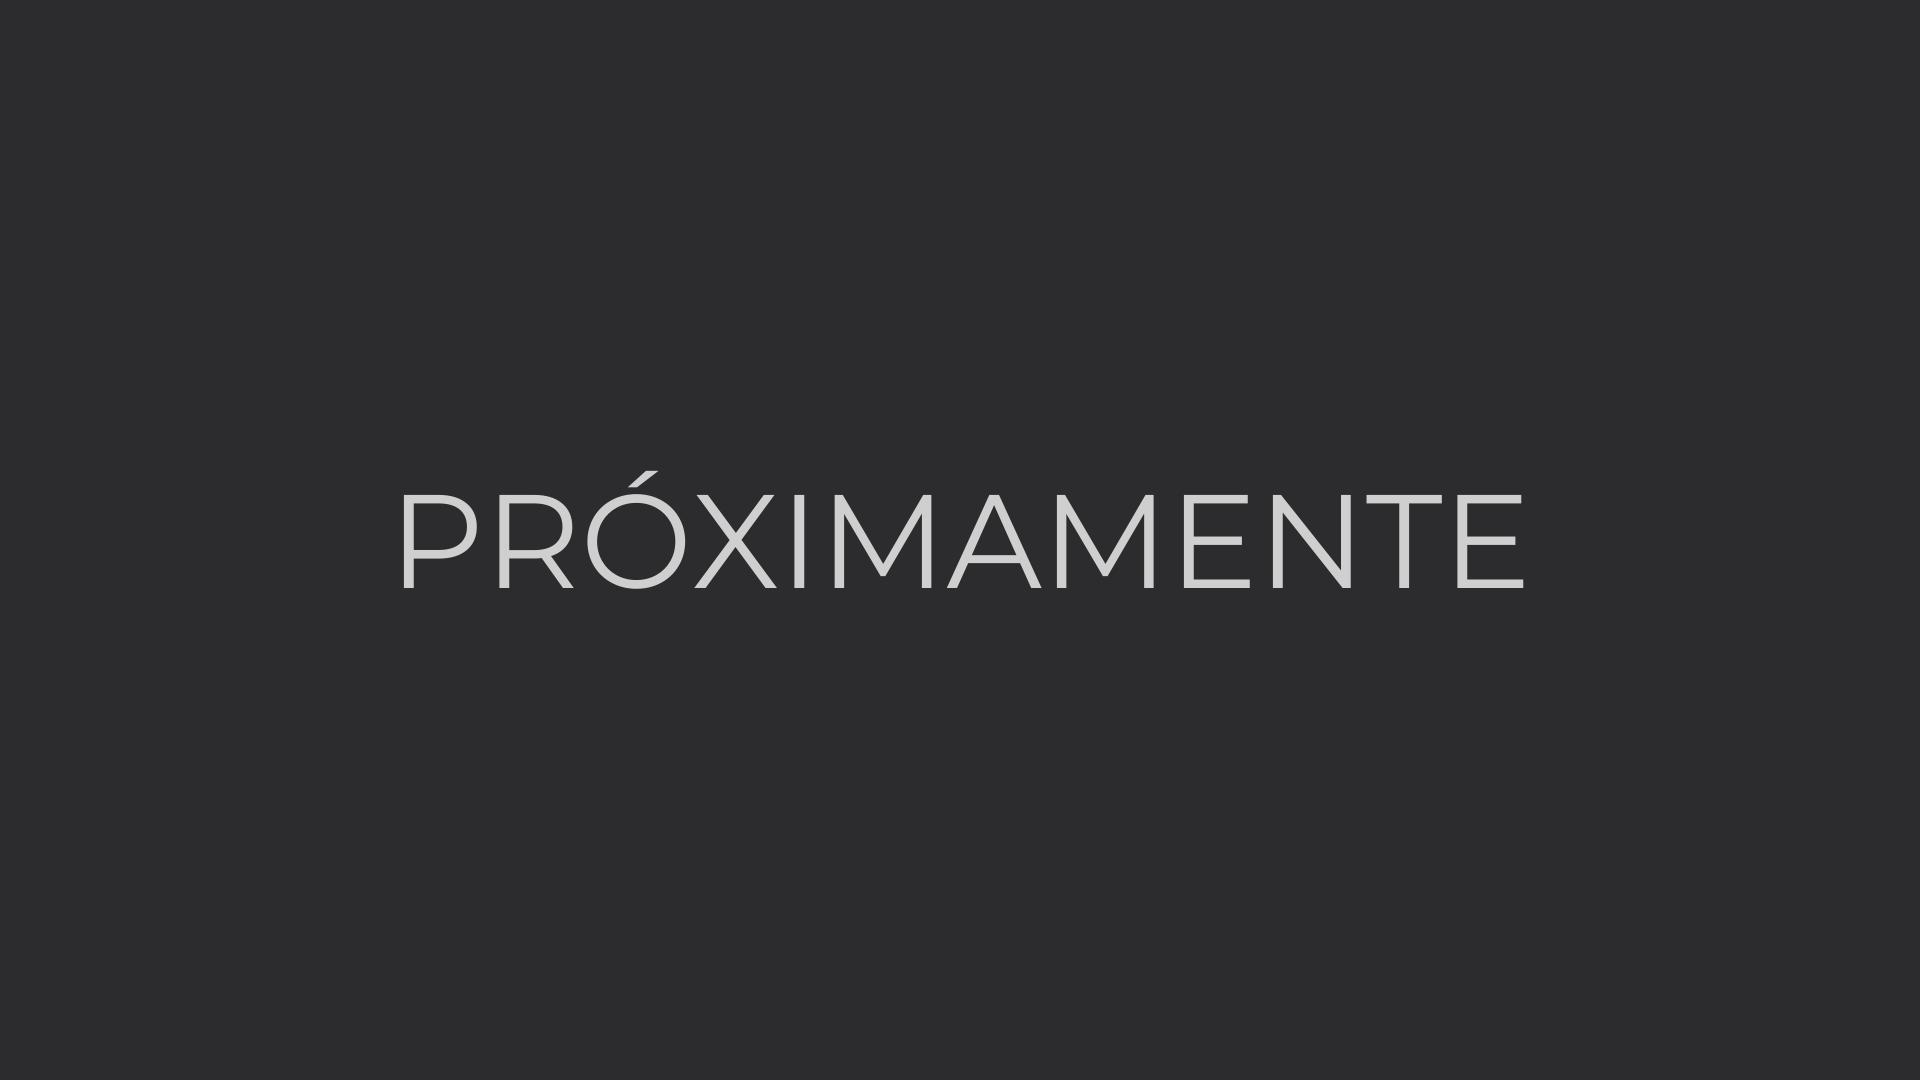 PROXI - copia (4).png